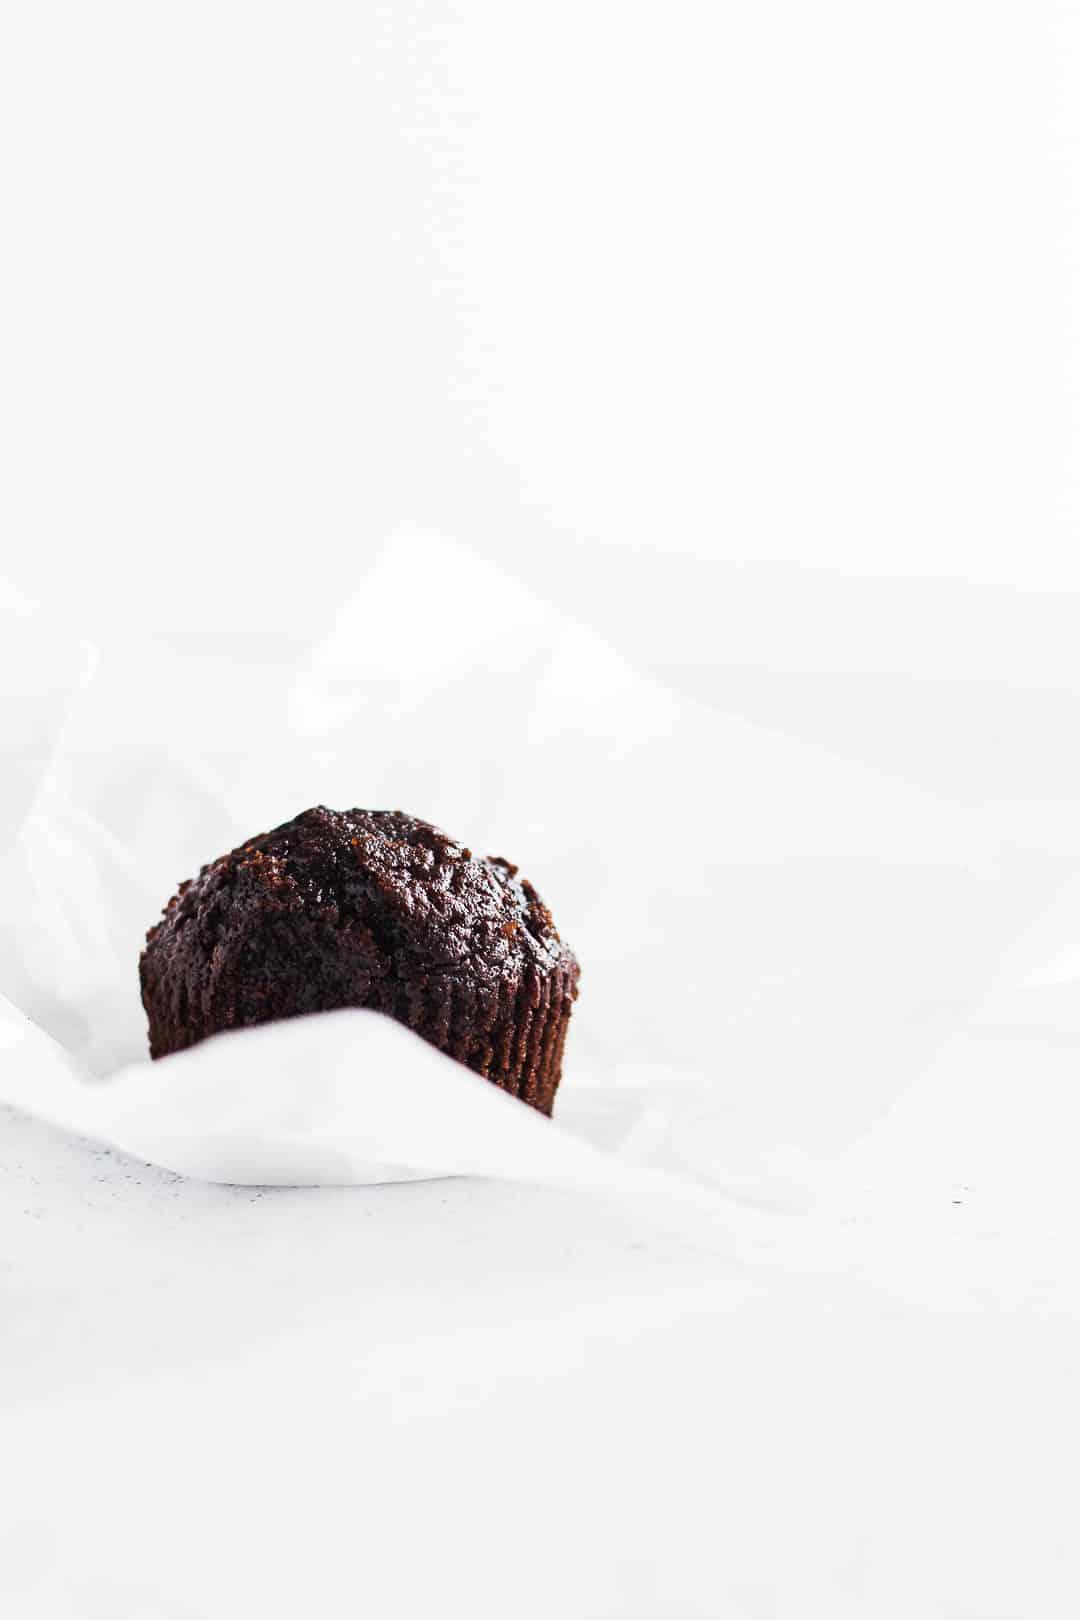 Chokolade cupcakes - opskrift på muffins med chokolade